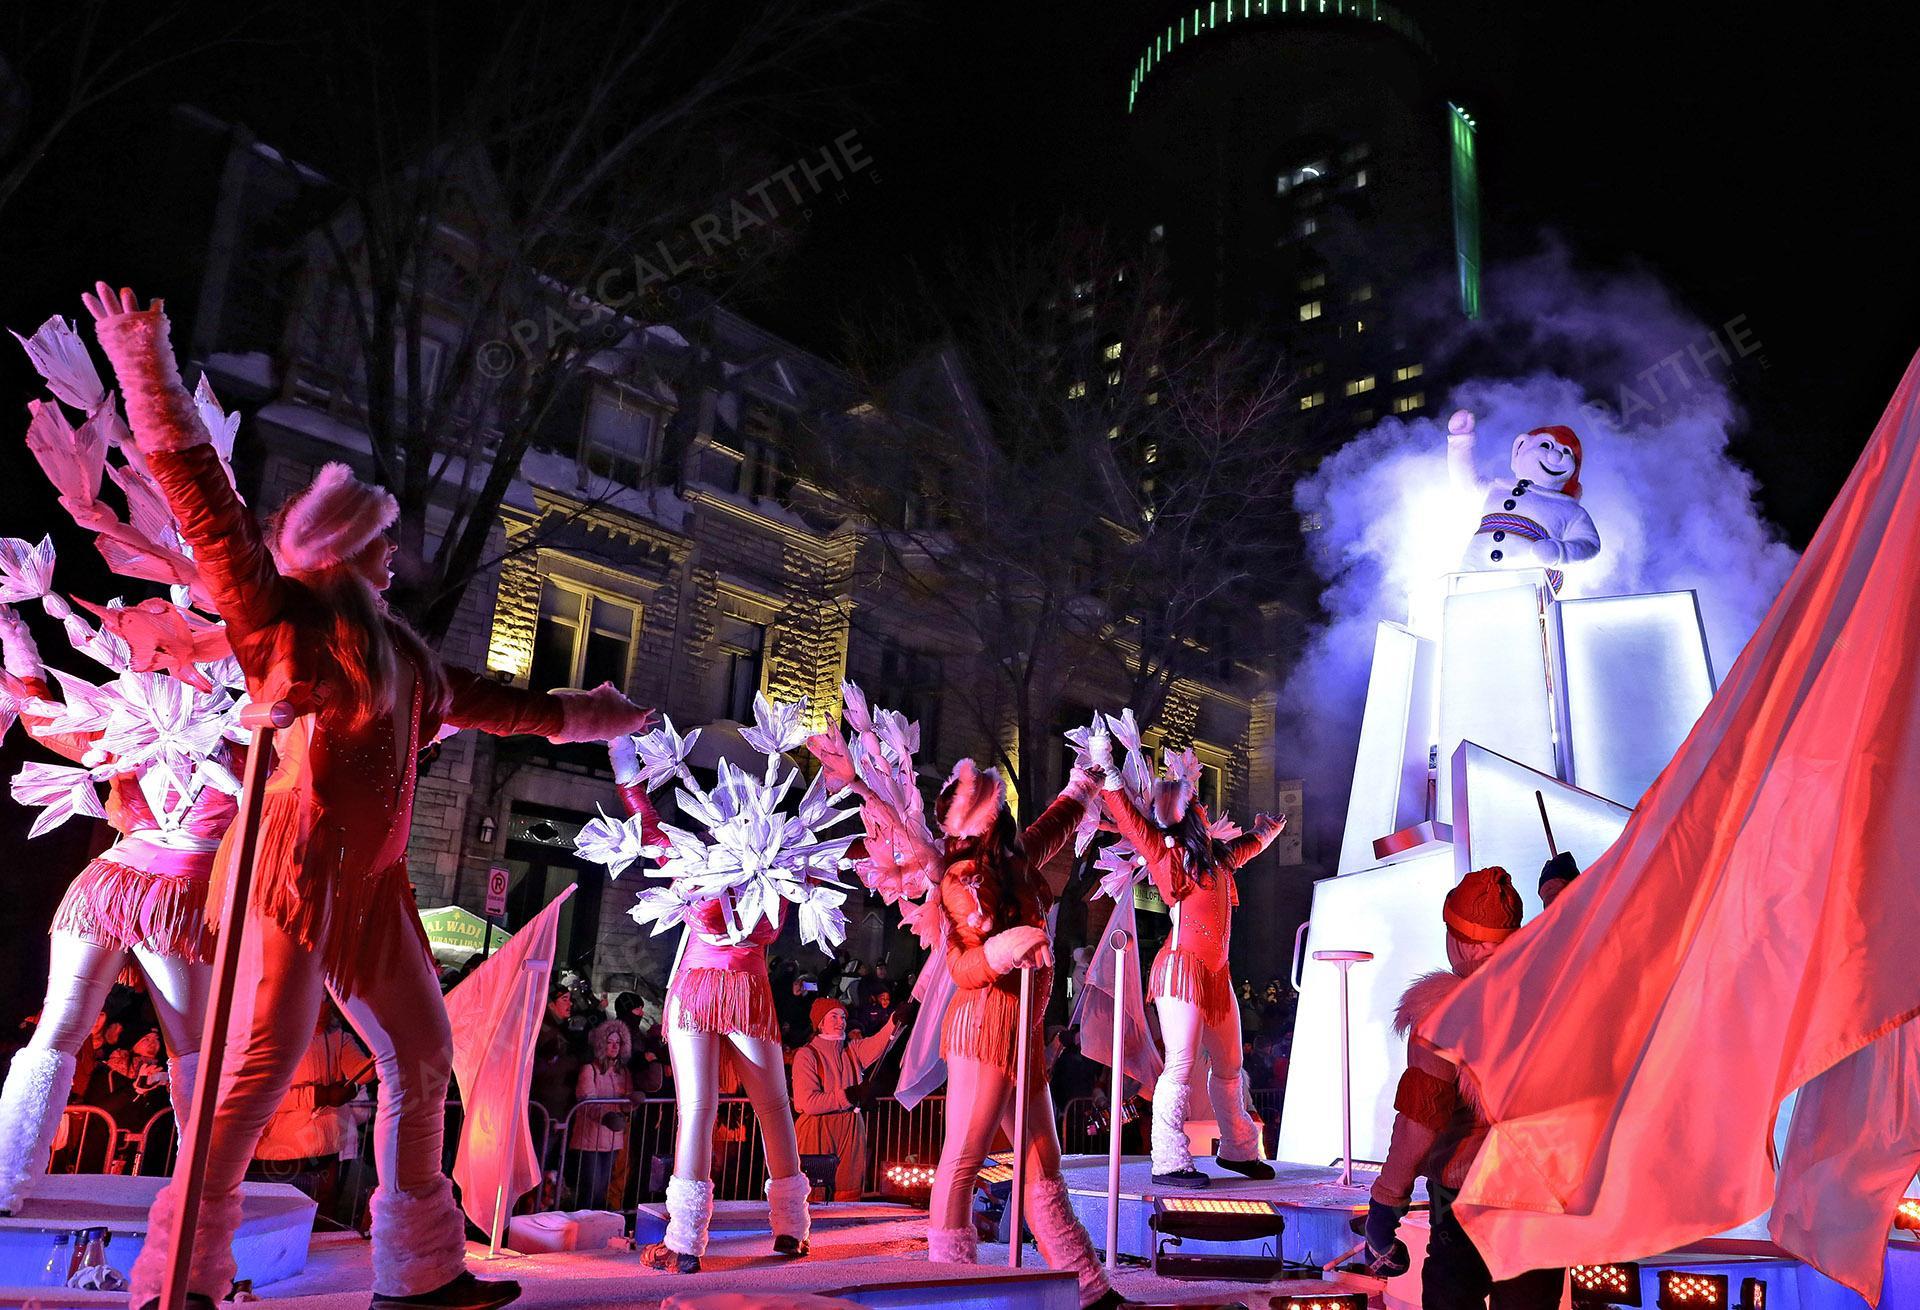 le défilé du Carnaval 2020 à Québec avec bonhomme Carnaval